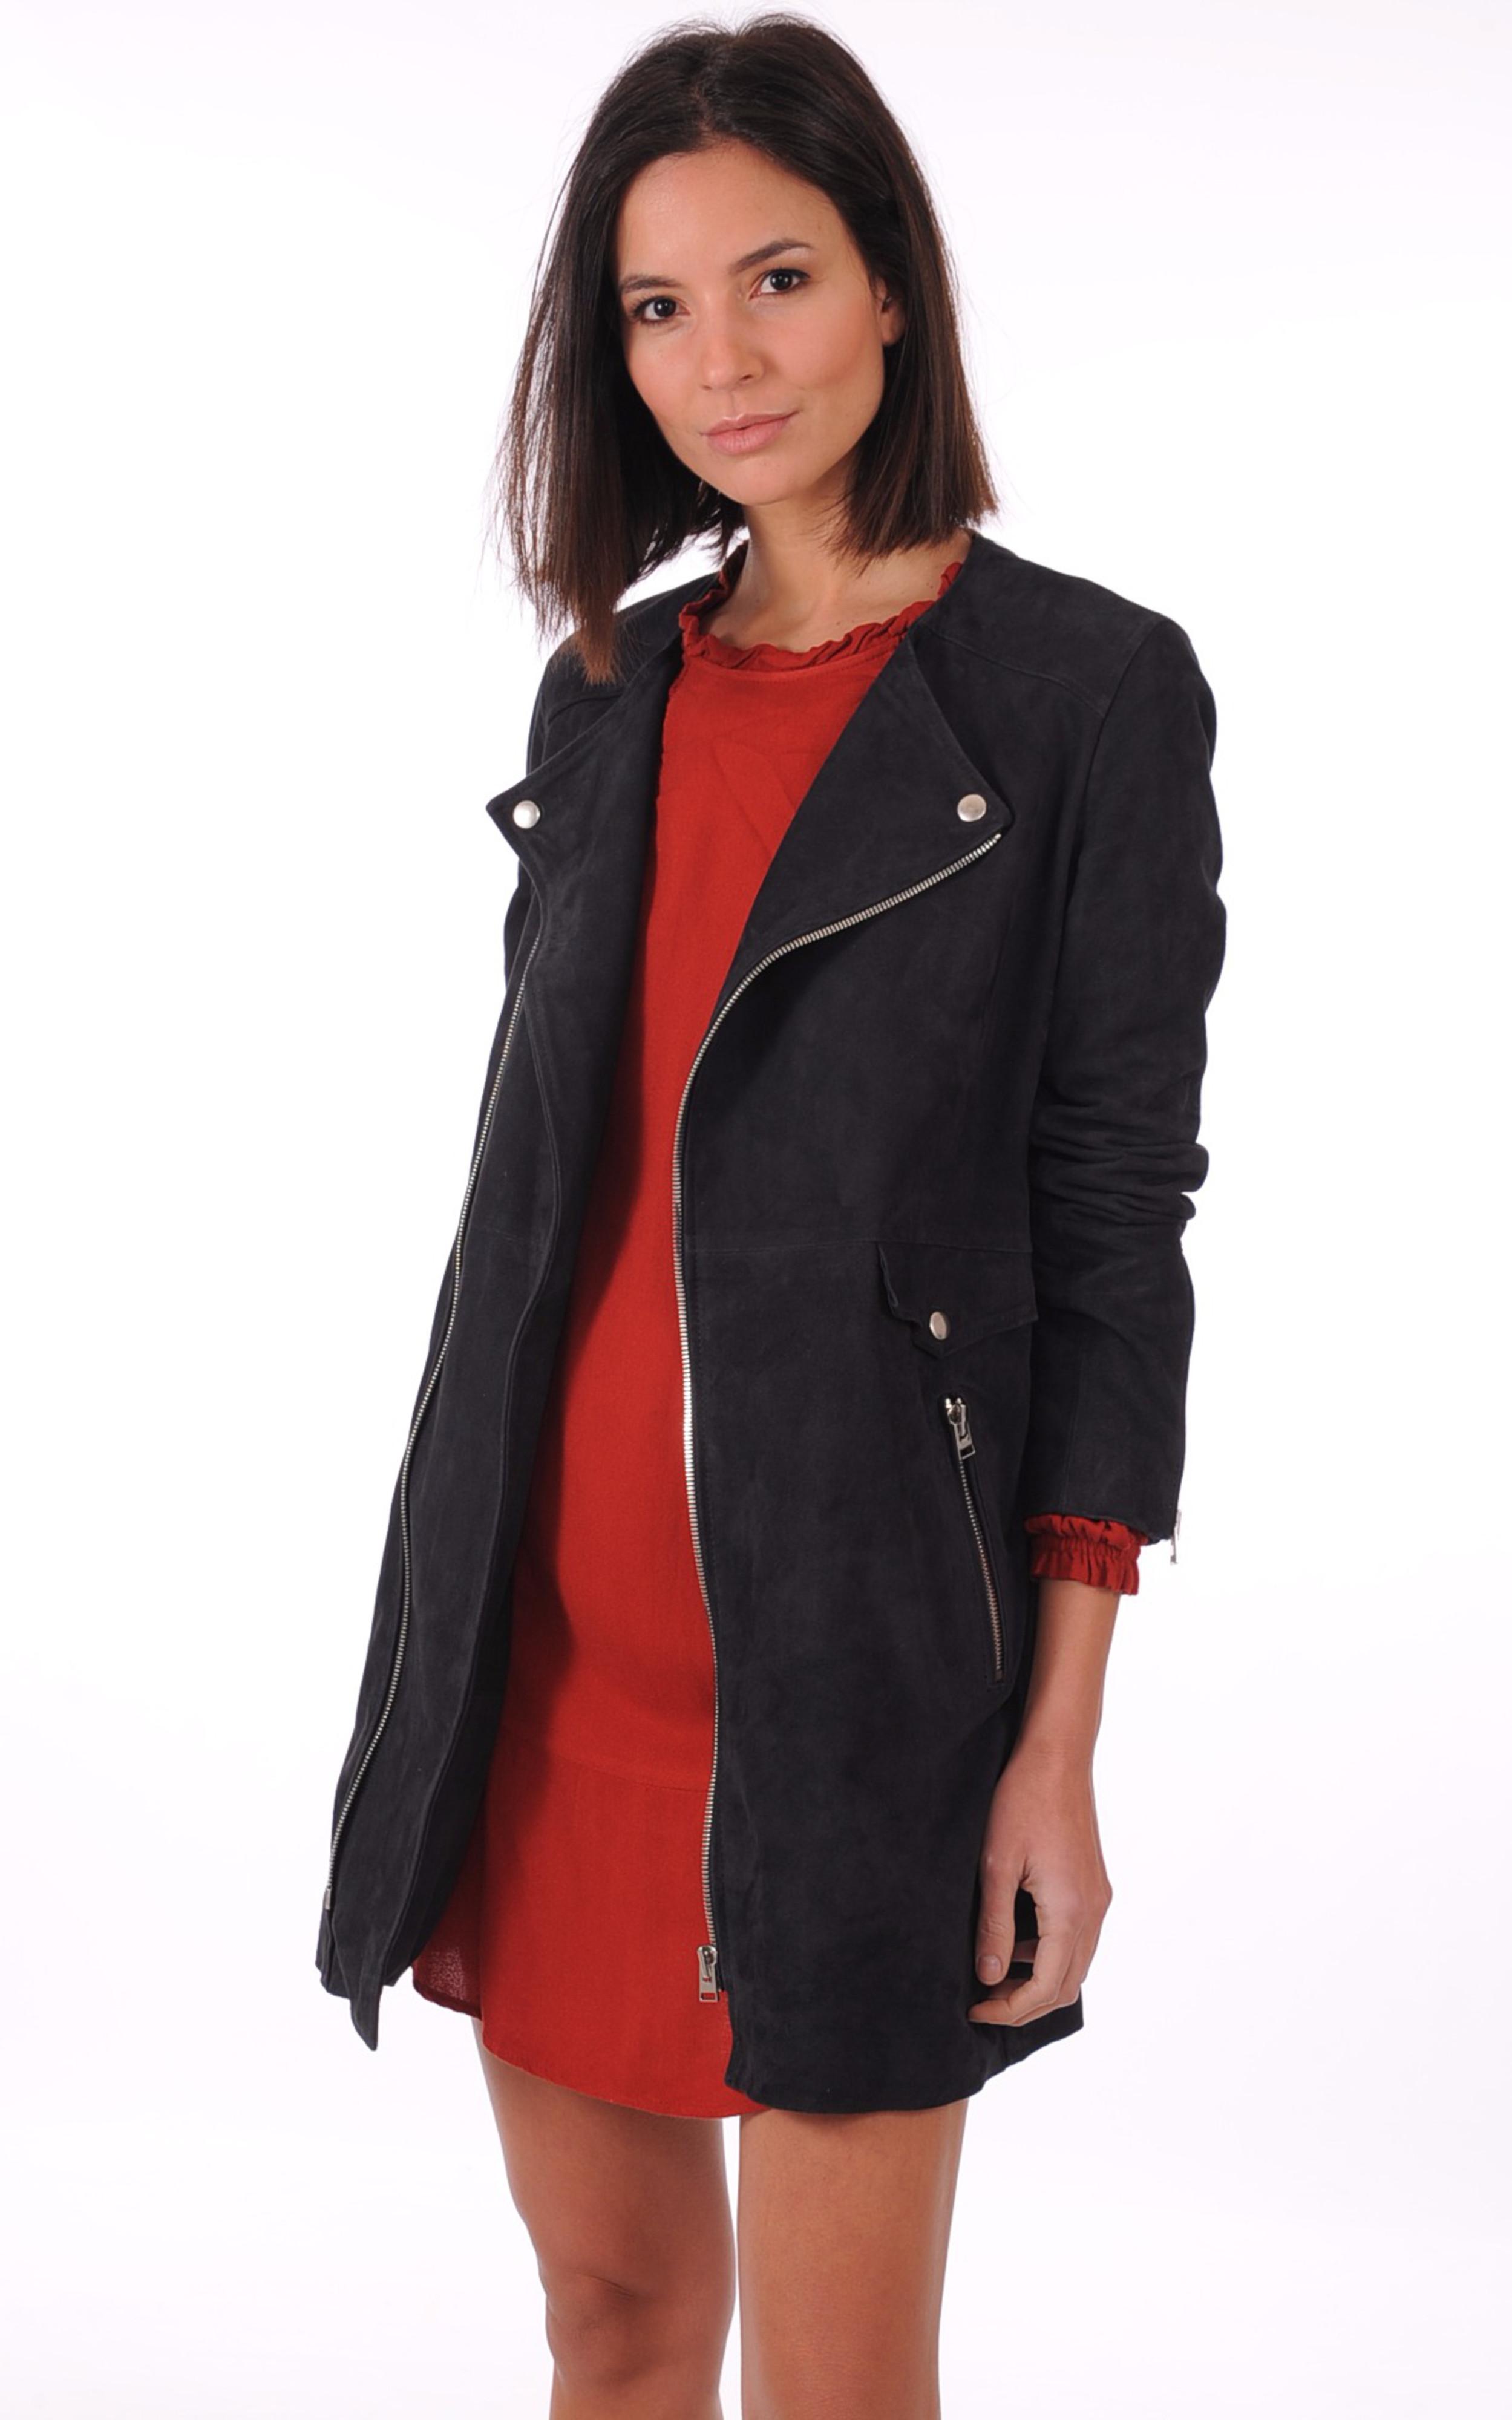 veste 3 4 femme daim femme vestes en cuir veste a manches. Black Bedroom Furniture Sets. Home Design Ideas